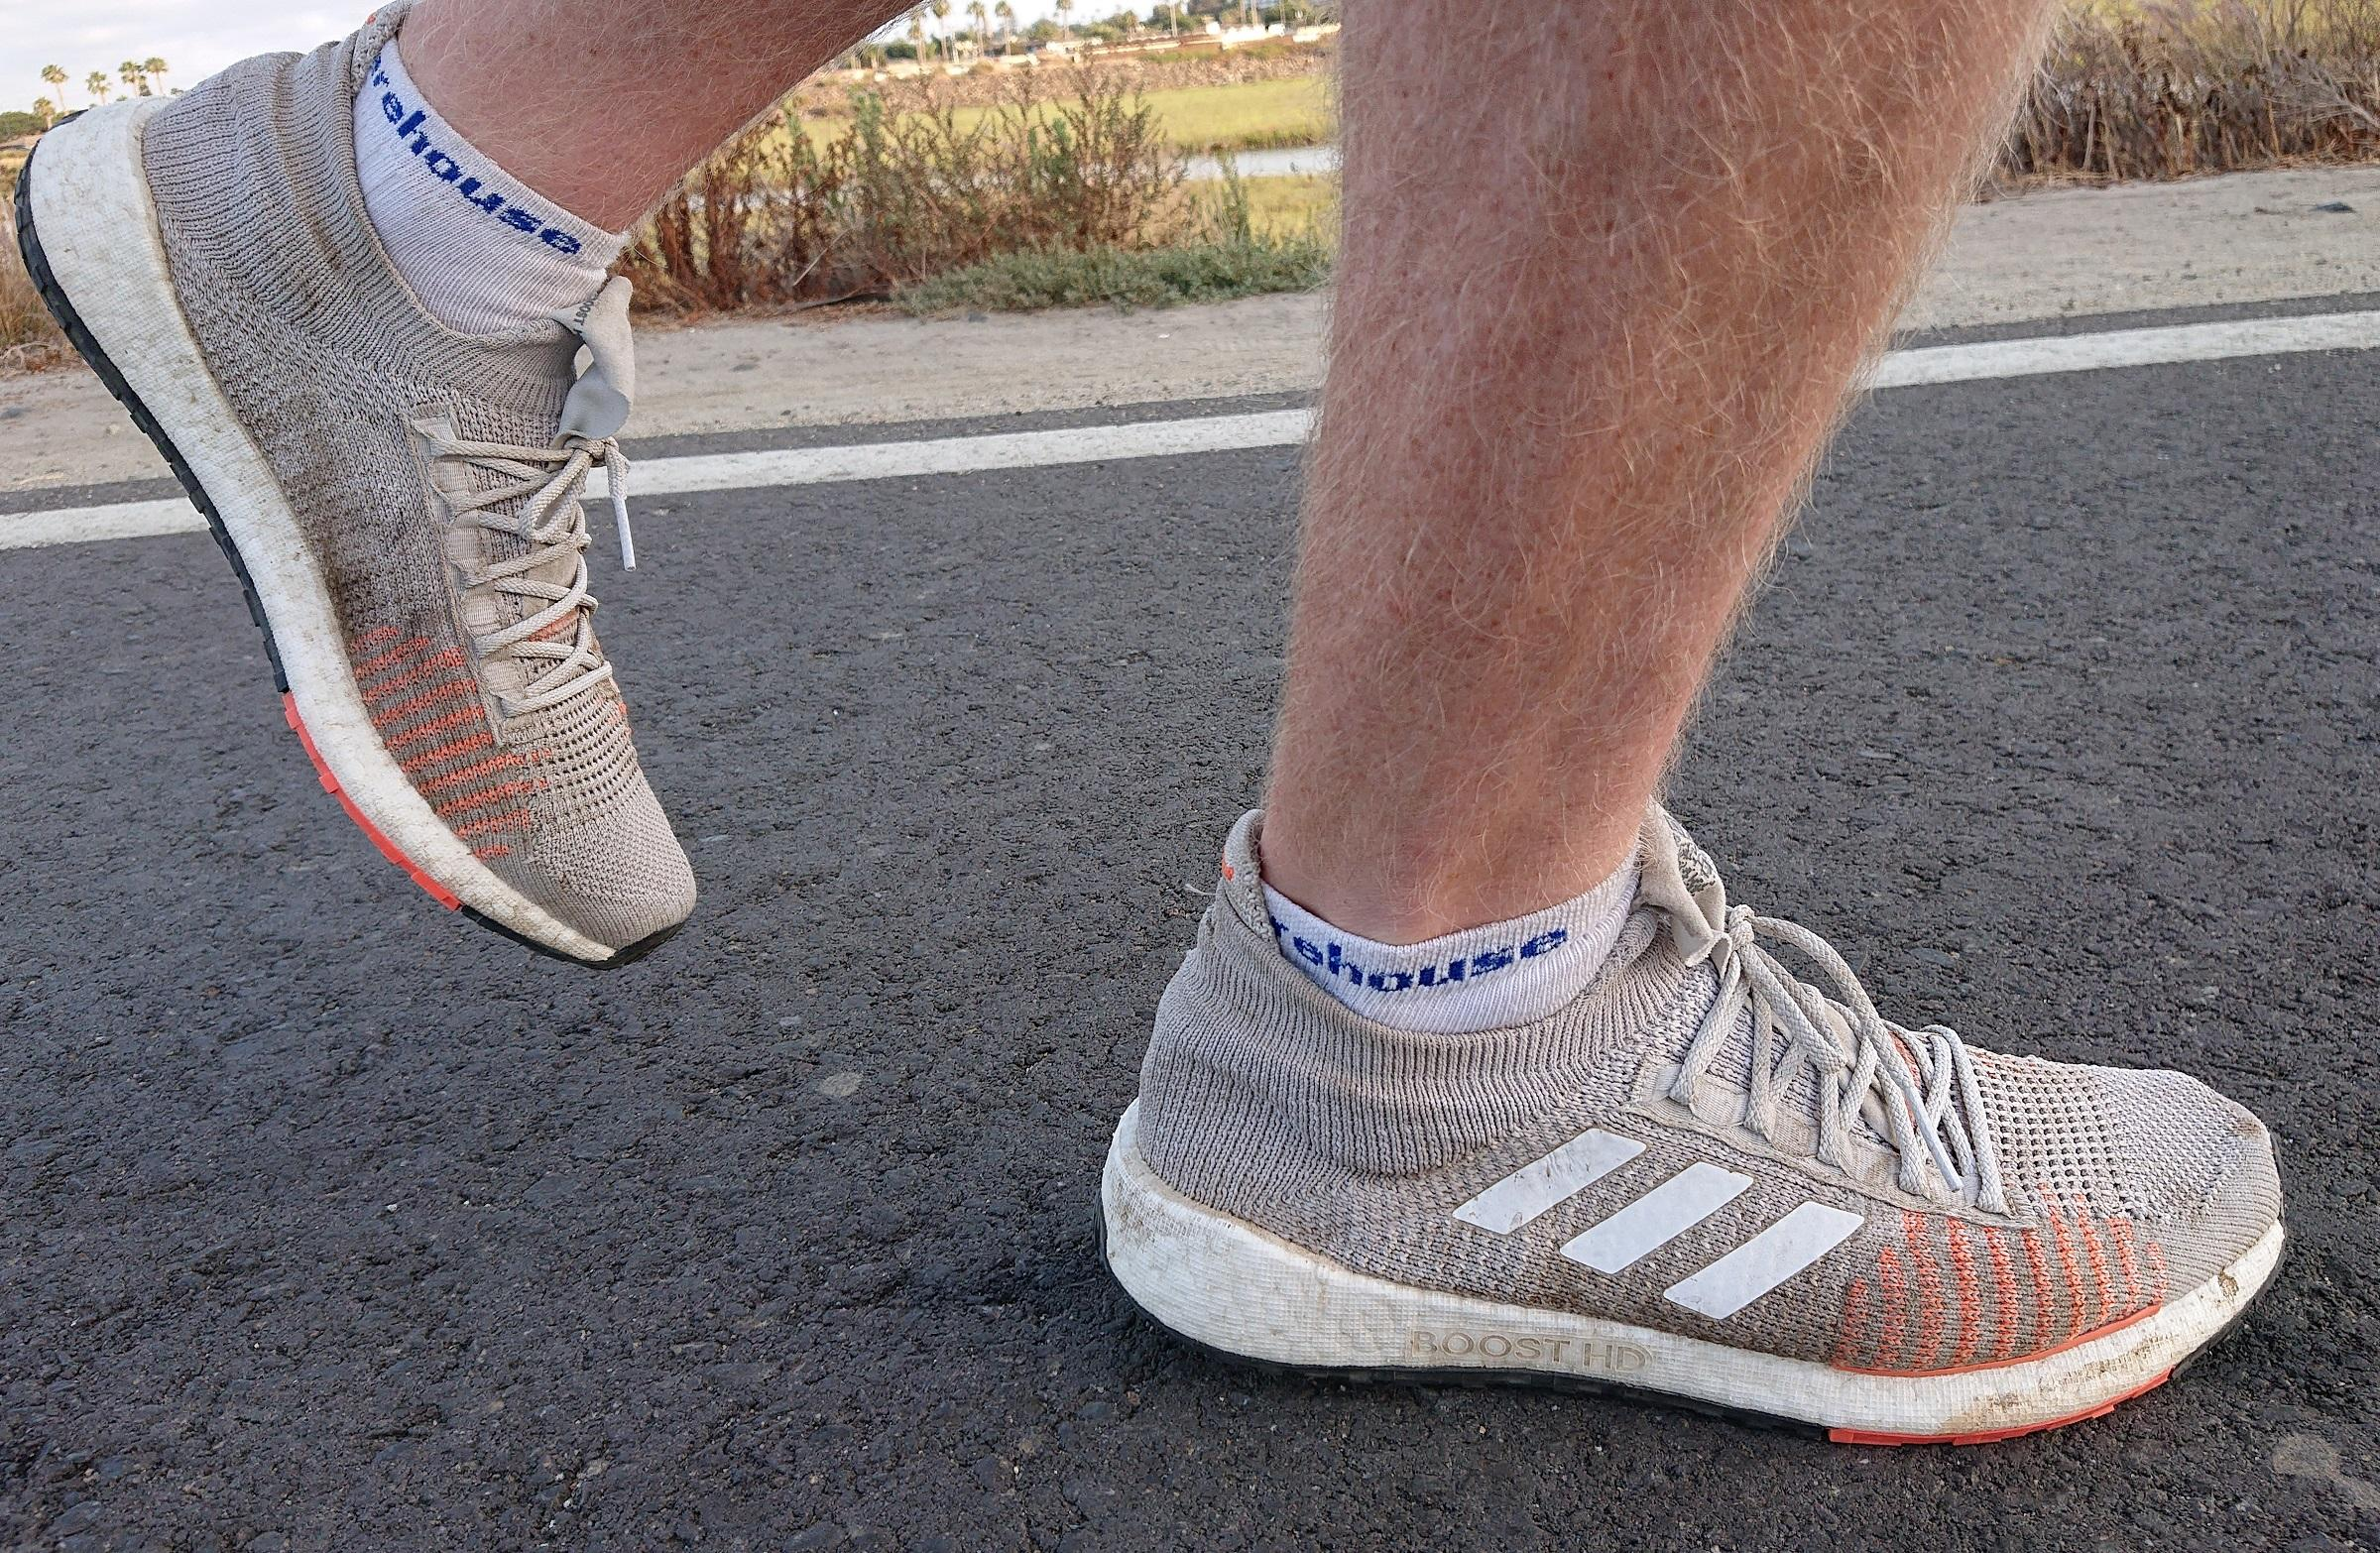 Adidas Pulseboost HD